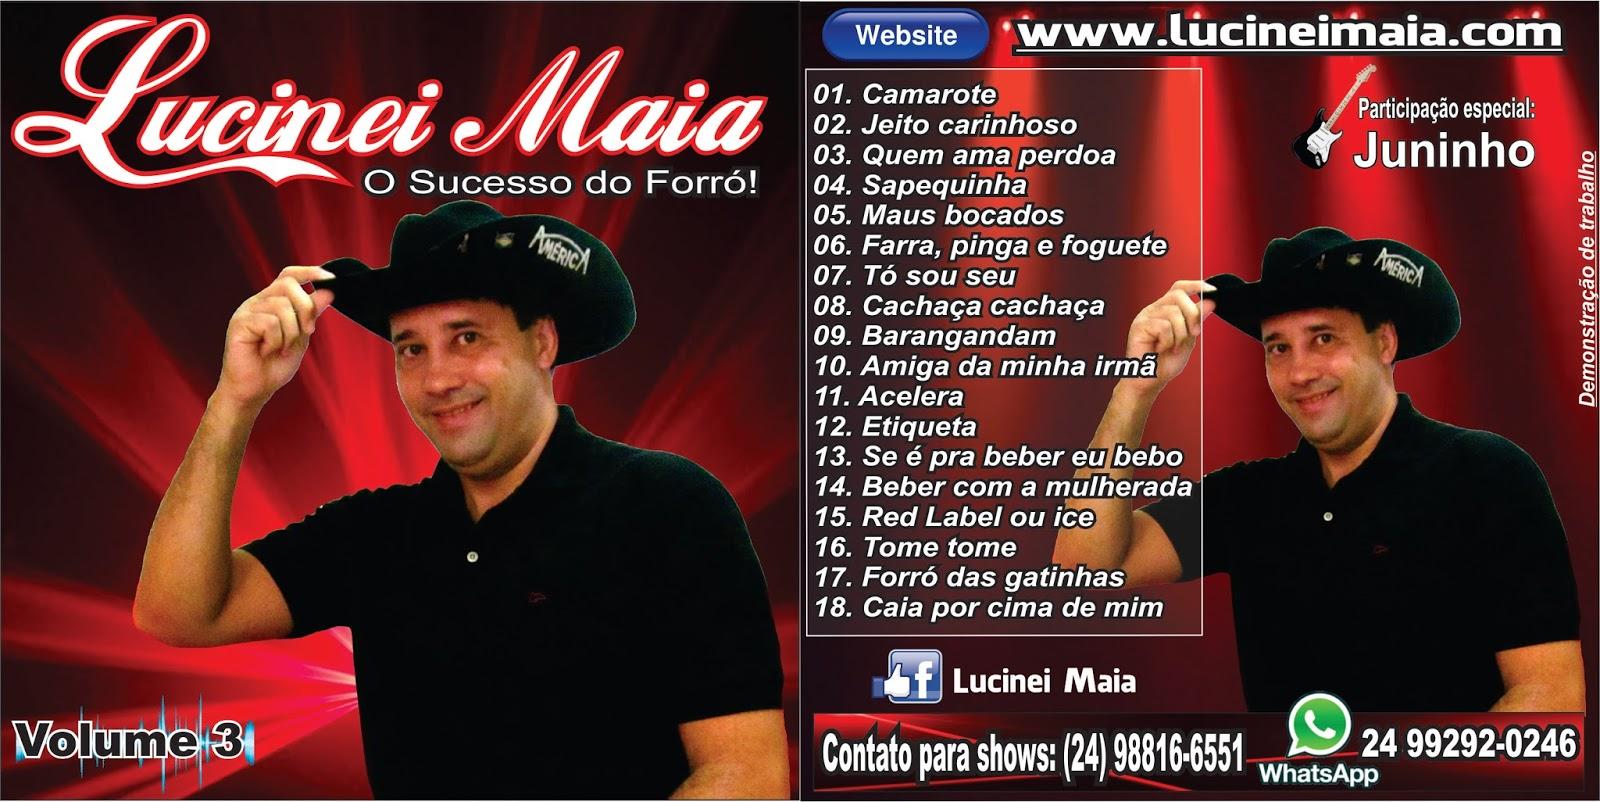 AVIOES DE FORRO ABRIL 2010 DO CD BAIXAR